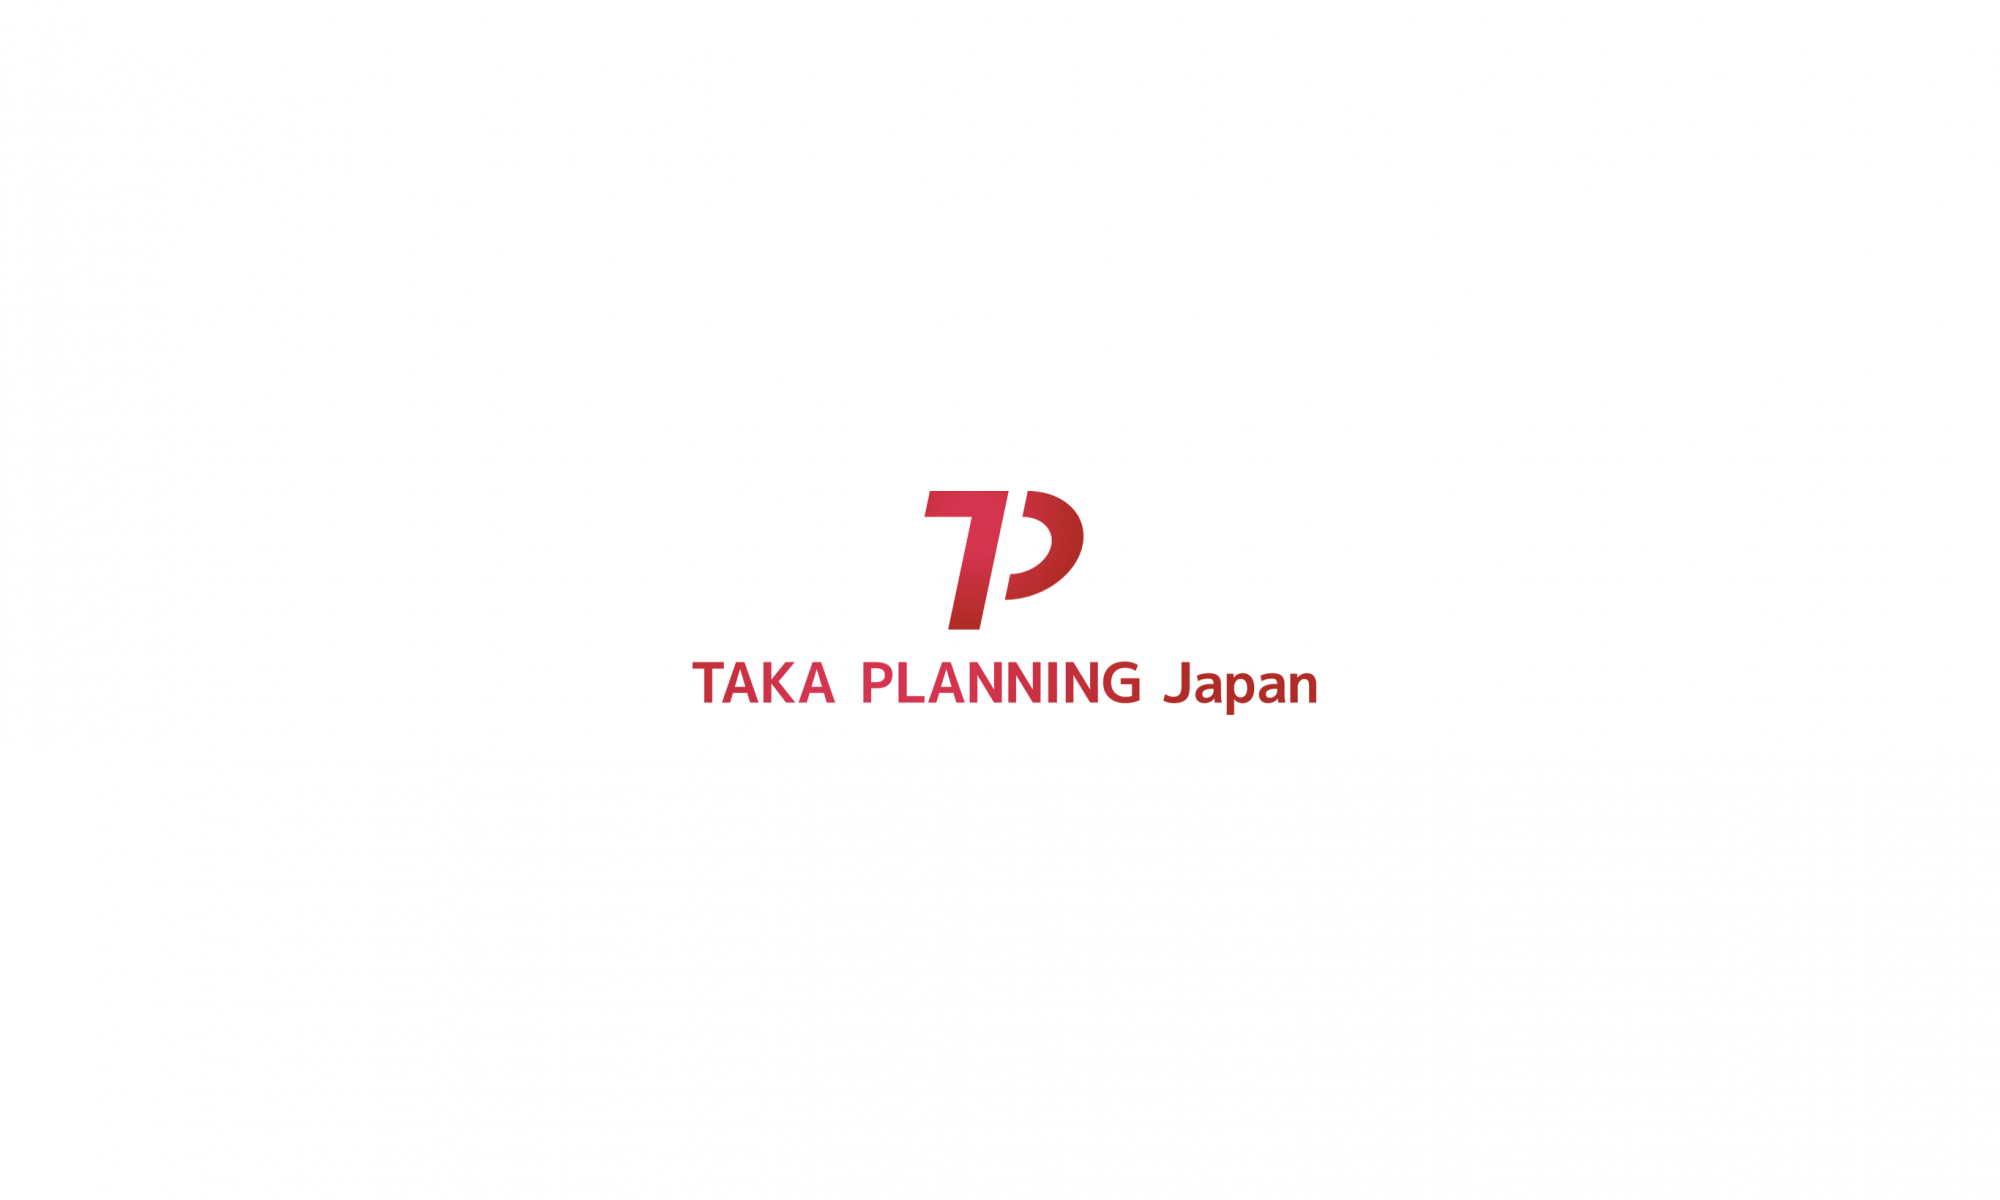 タカプランニングジャパン